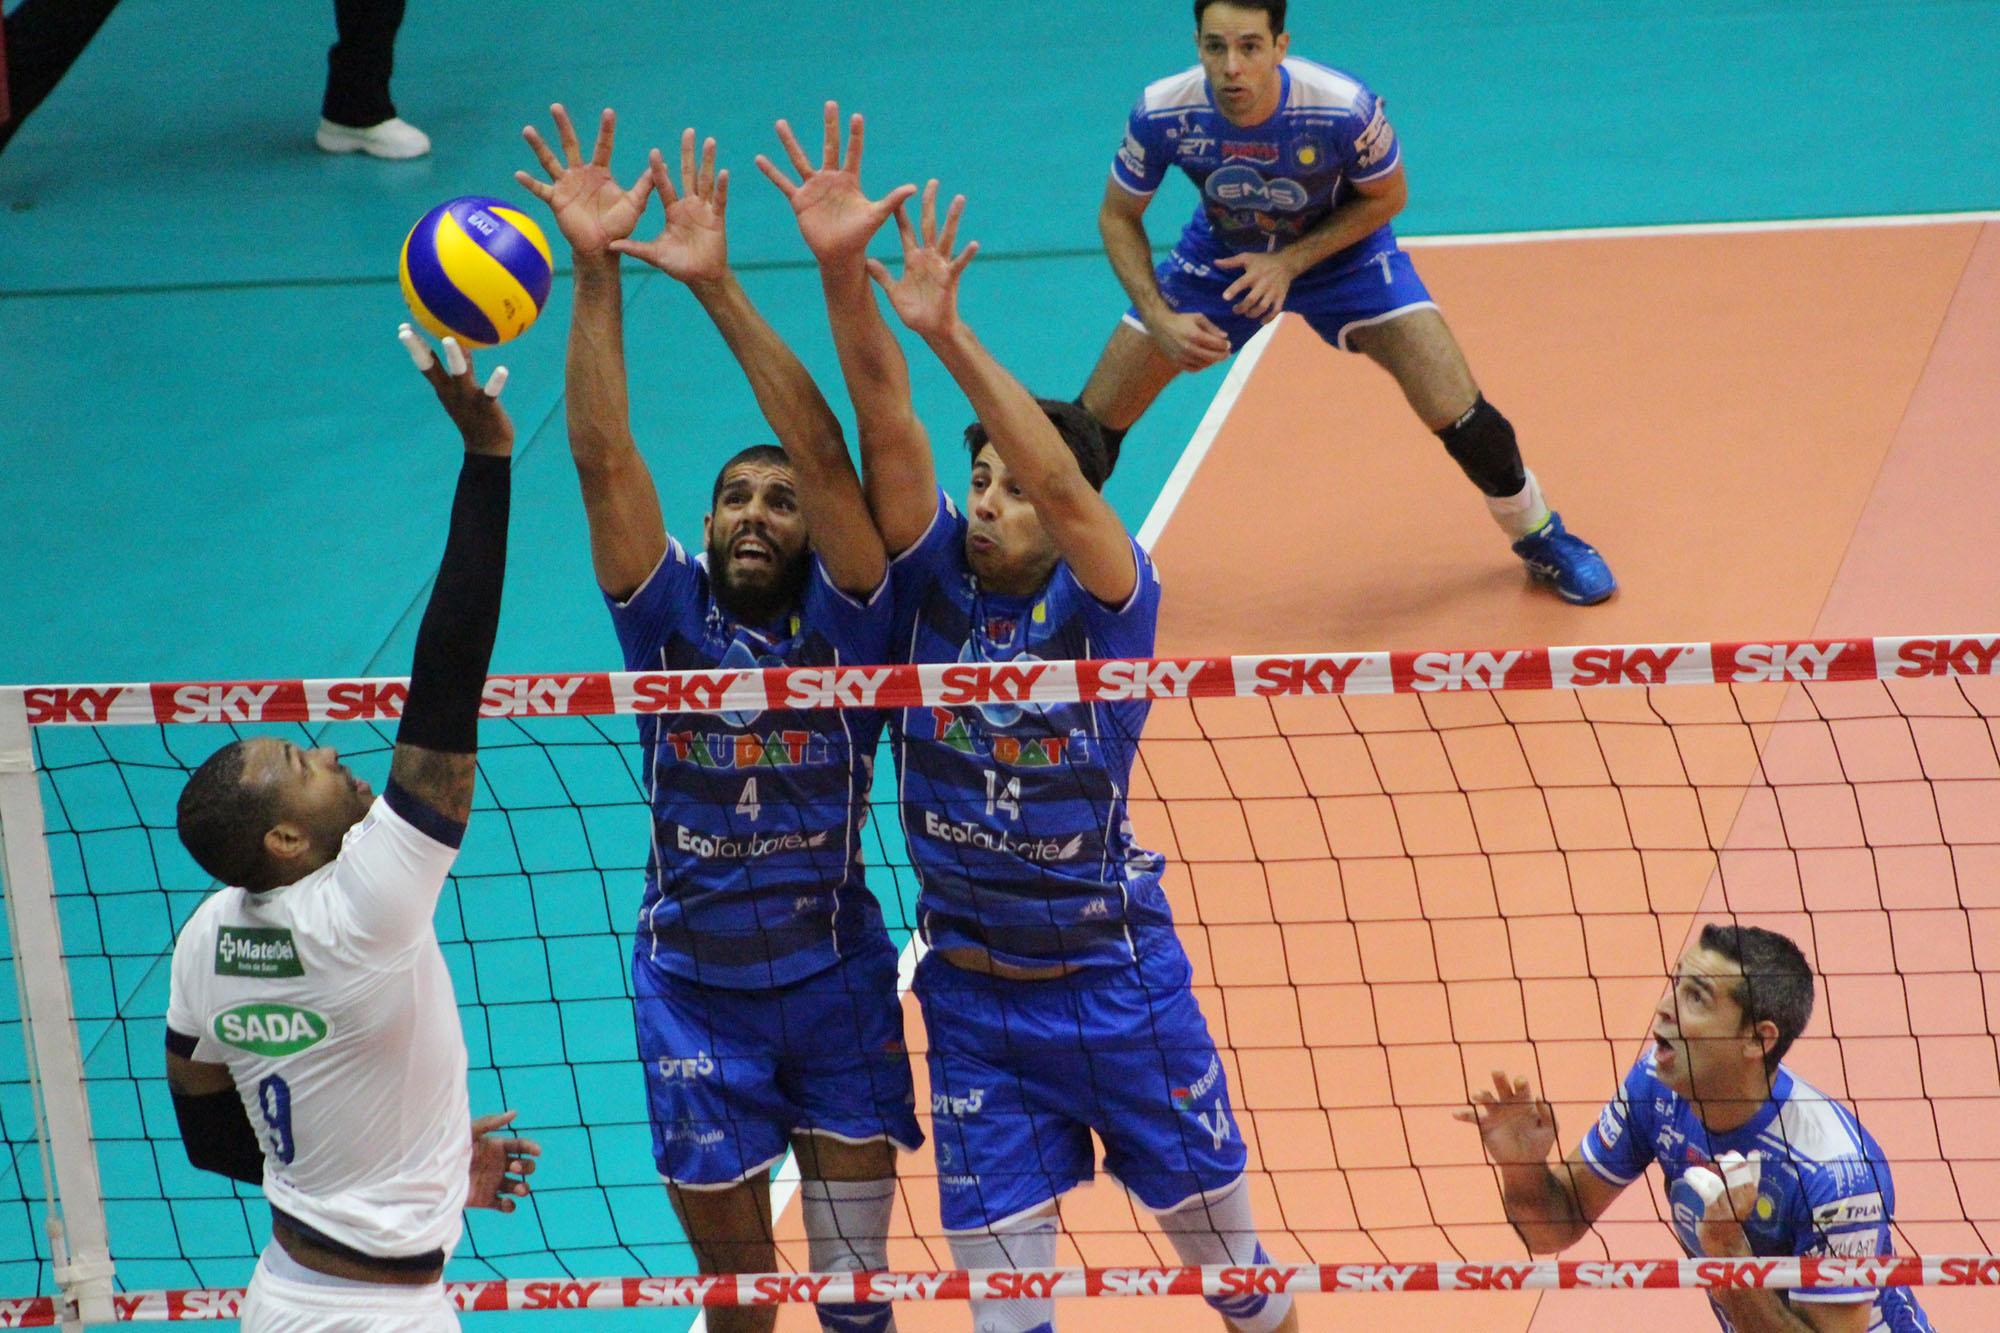 Sada Cruzeiro e EMS Taubaté Funvic fazem jogo decisivo